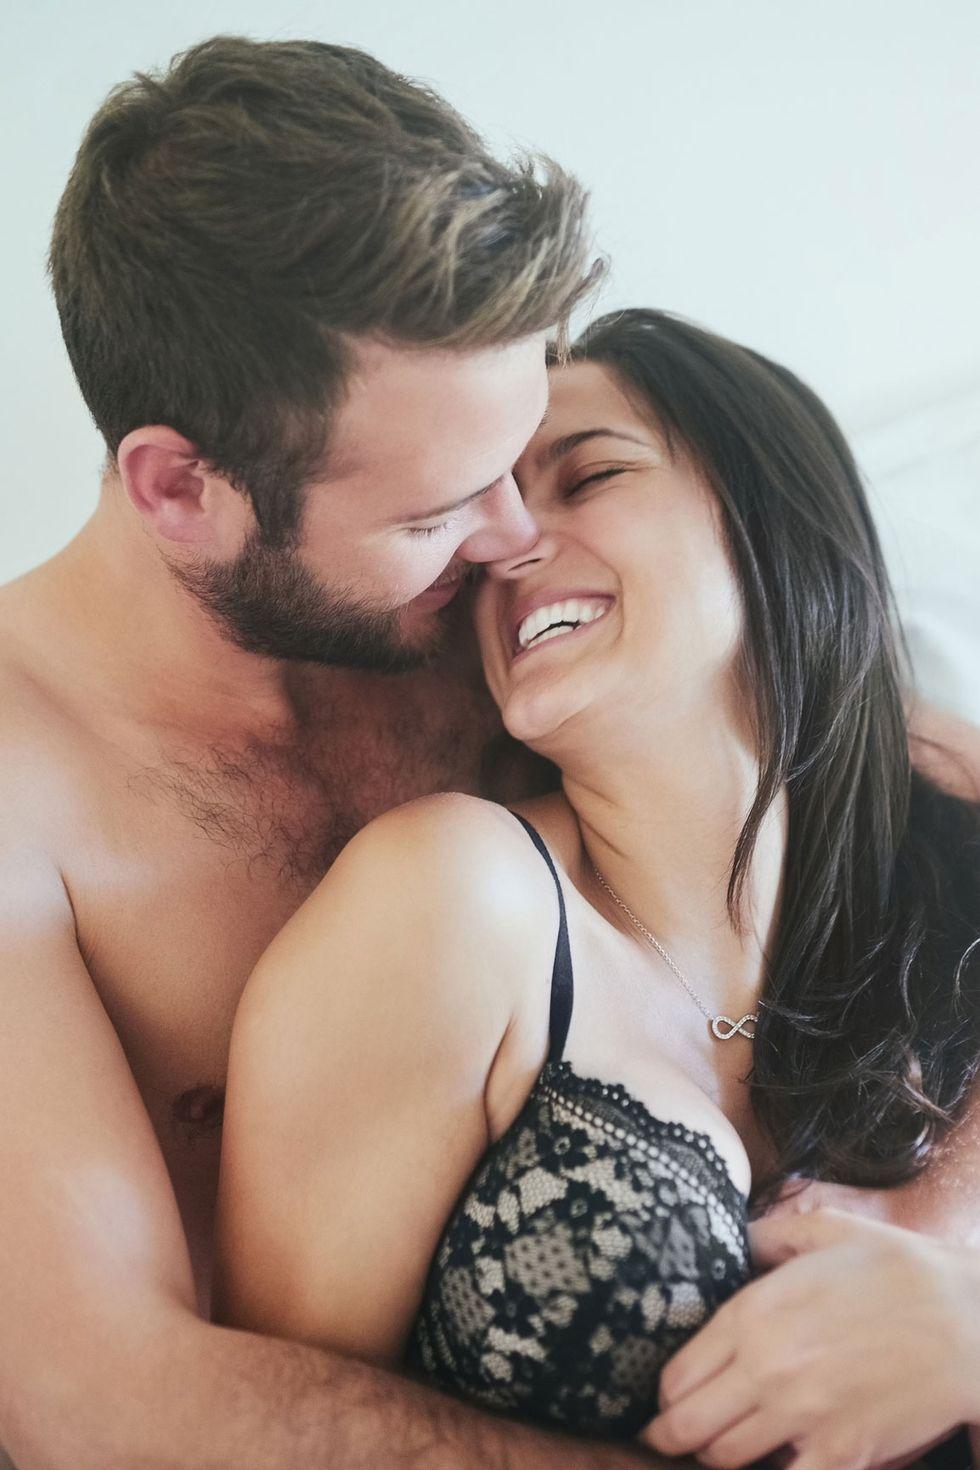 σεξ για παντρεμενα ζευγαρια 1